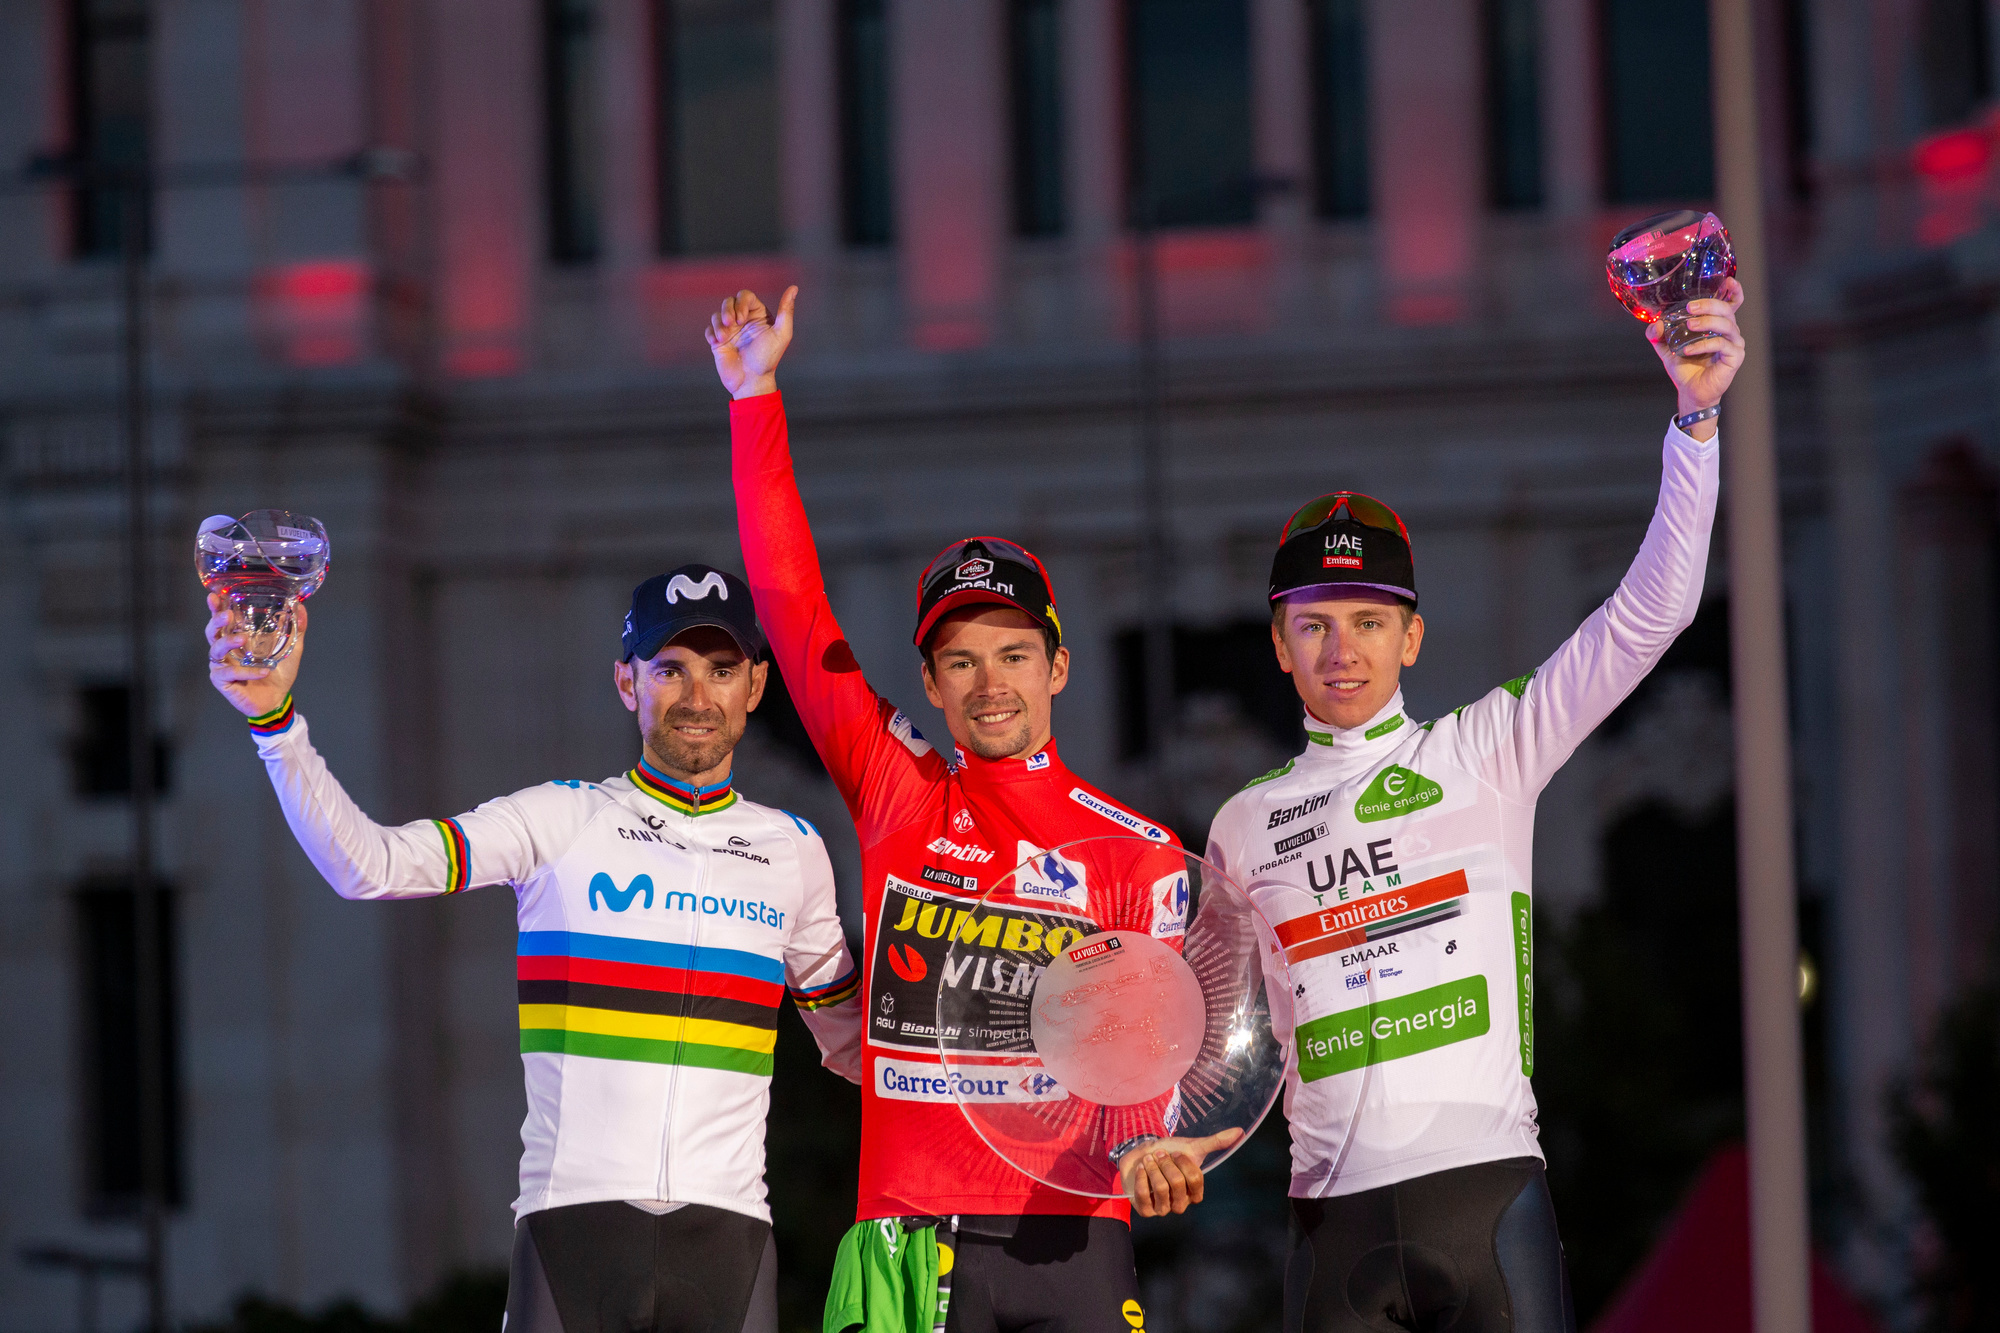 Het podium van de 74e Vuelta. Vlnr: Alejandro Valverde (zilver), Primoz Roglic (goud), Tadej Pogacar (brons)., Belga